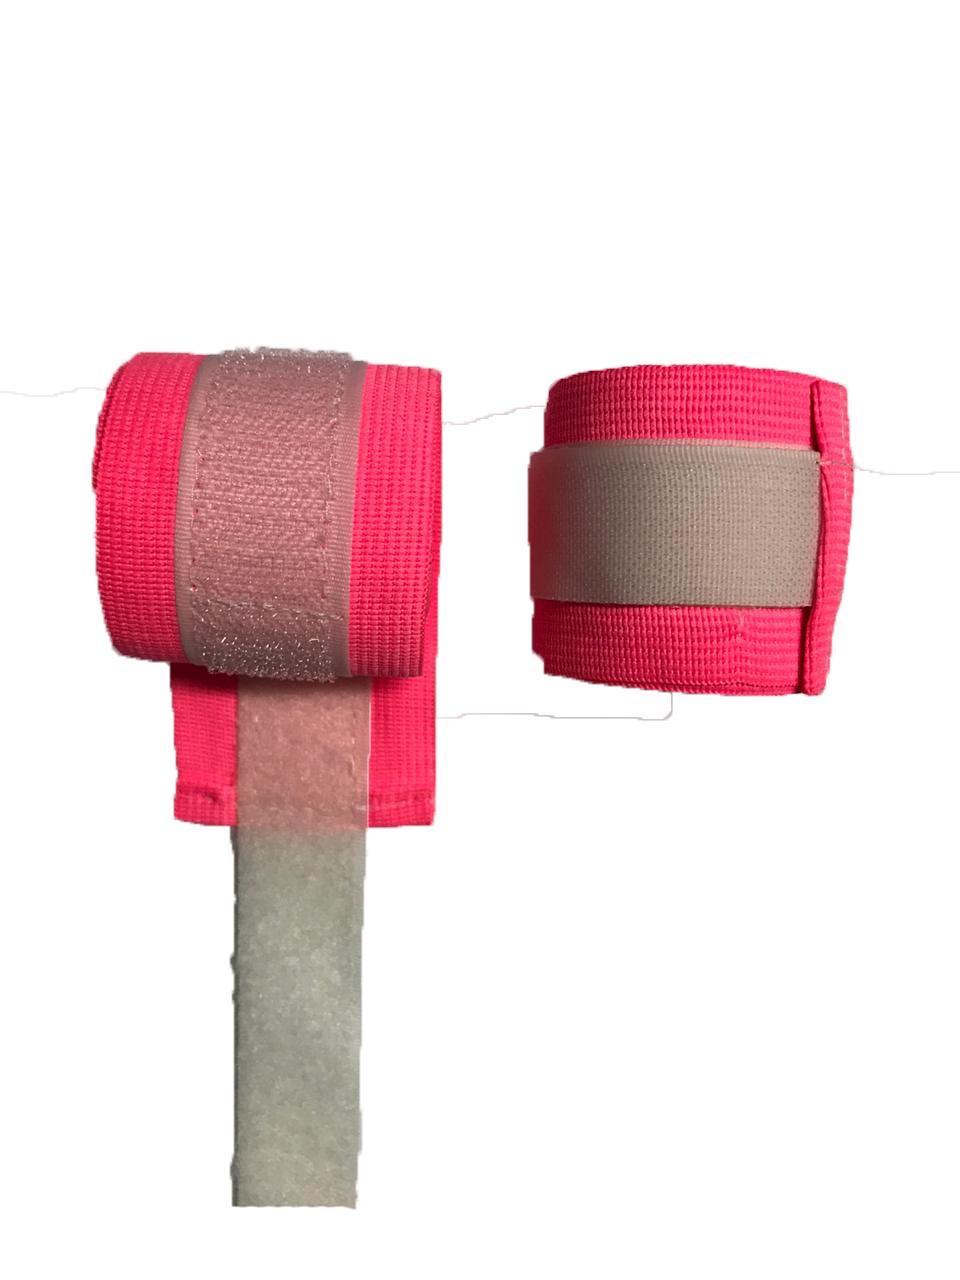 Foto 1 - Bandagem 2m Digital Esportes Para Artes Marciais Rosa